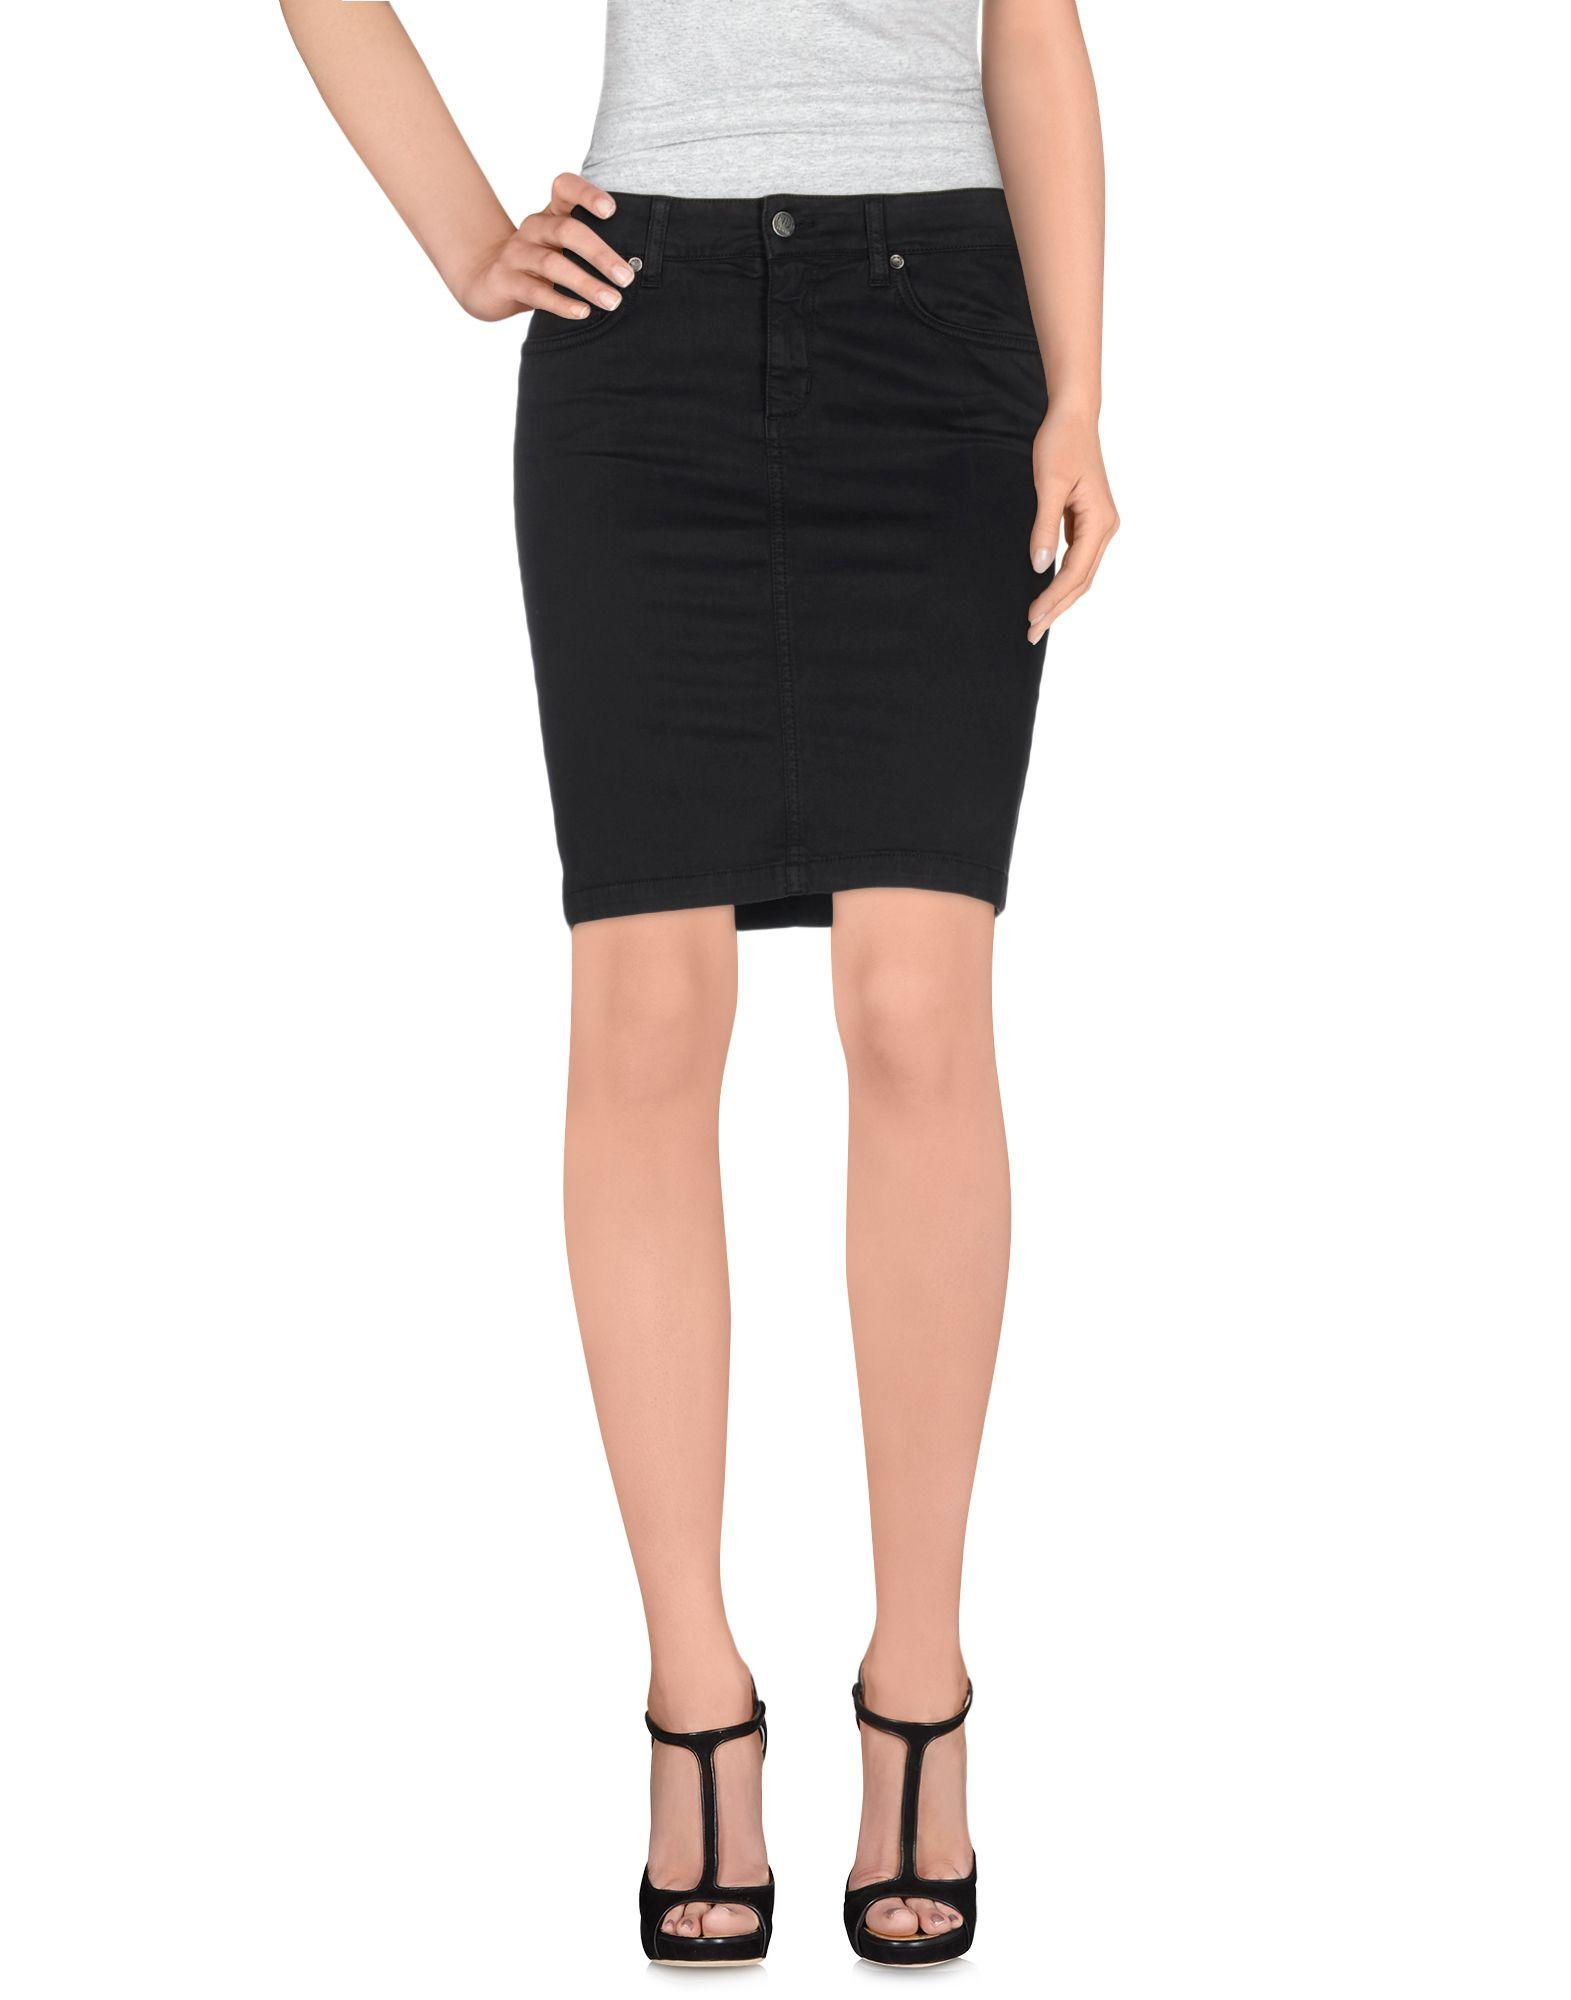 Liu •jo Mini Skirts In Black